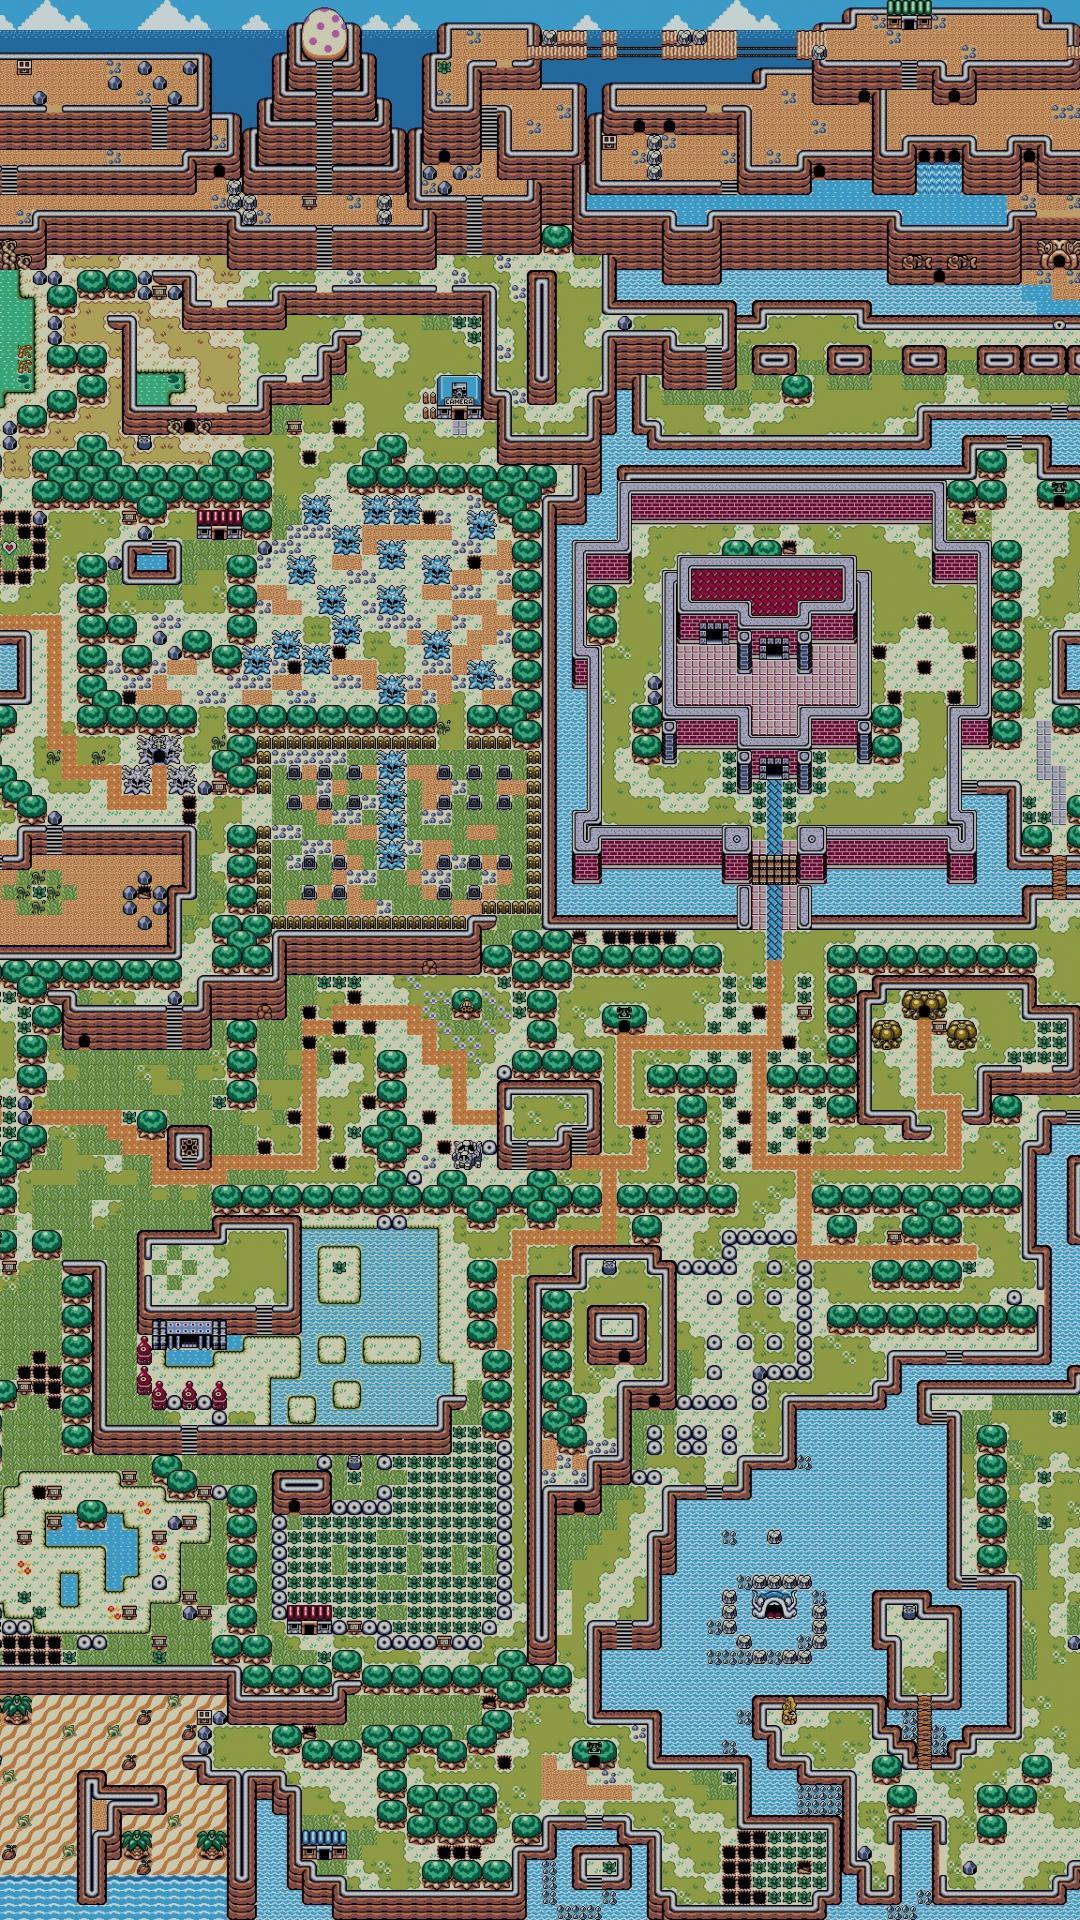 The legend of zelda maps retro 8 bit wallpaper 17505 1080x1920